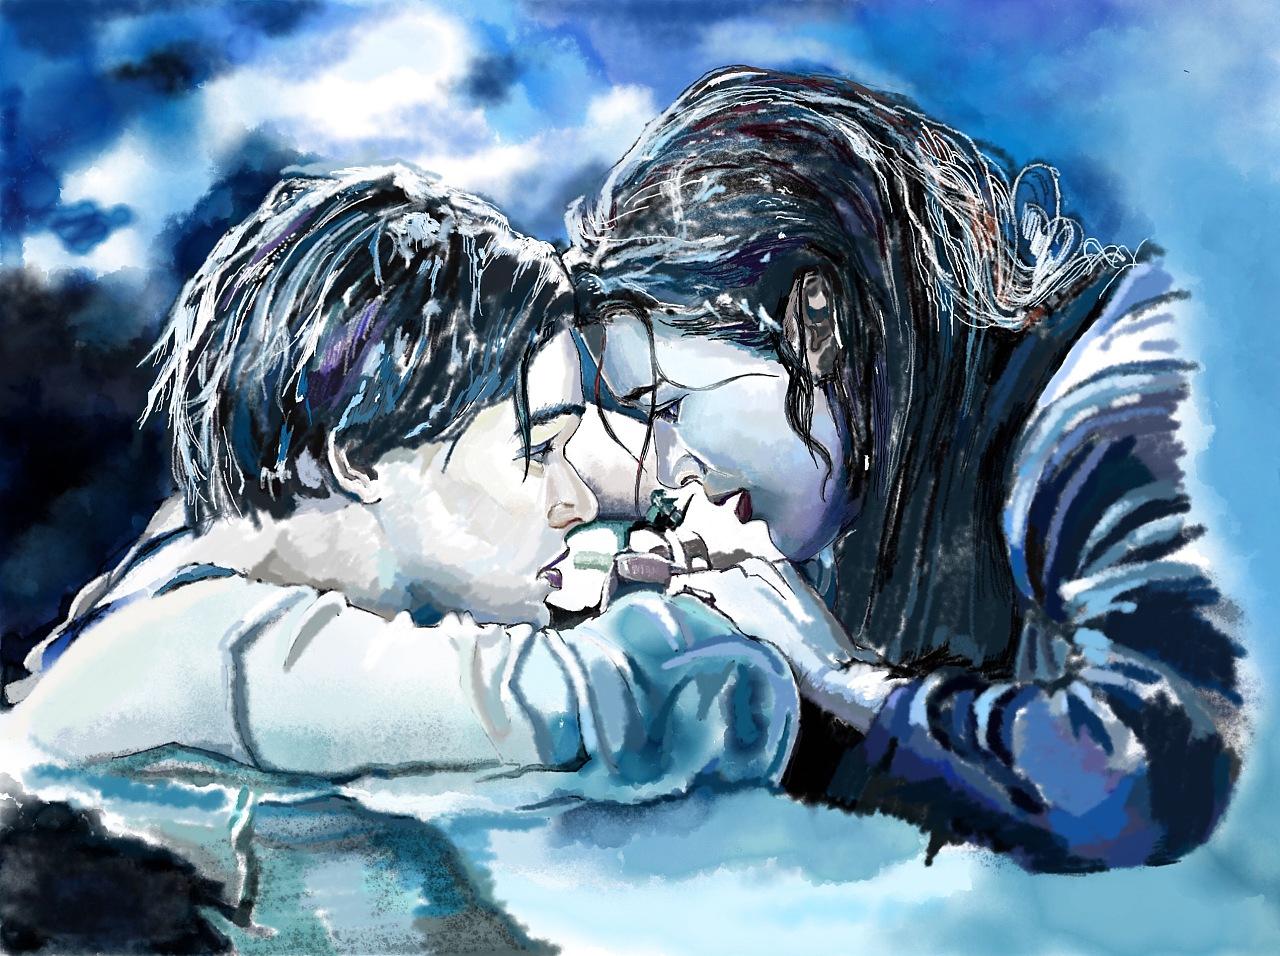 加油! ppps:你爱看《泰坦尼克号》吗? http://t.cn/z8lc8tu